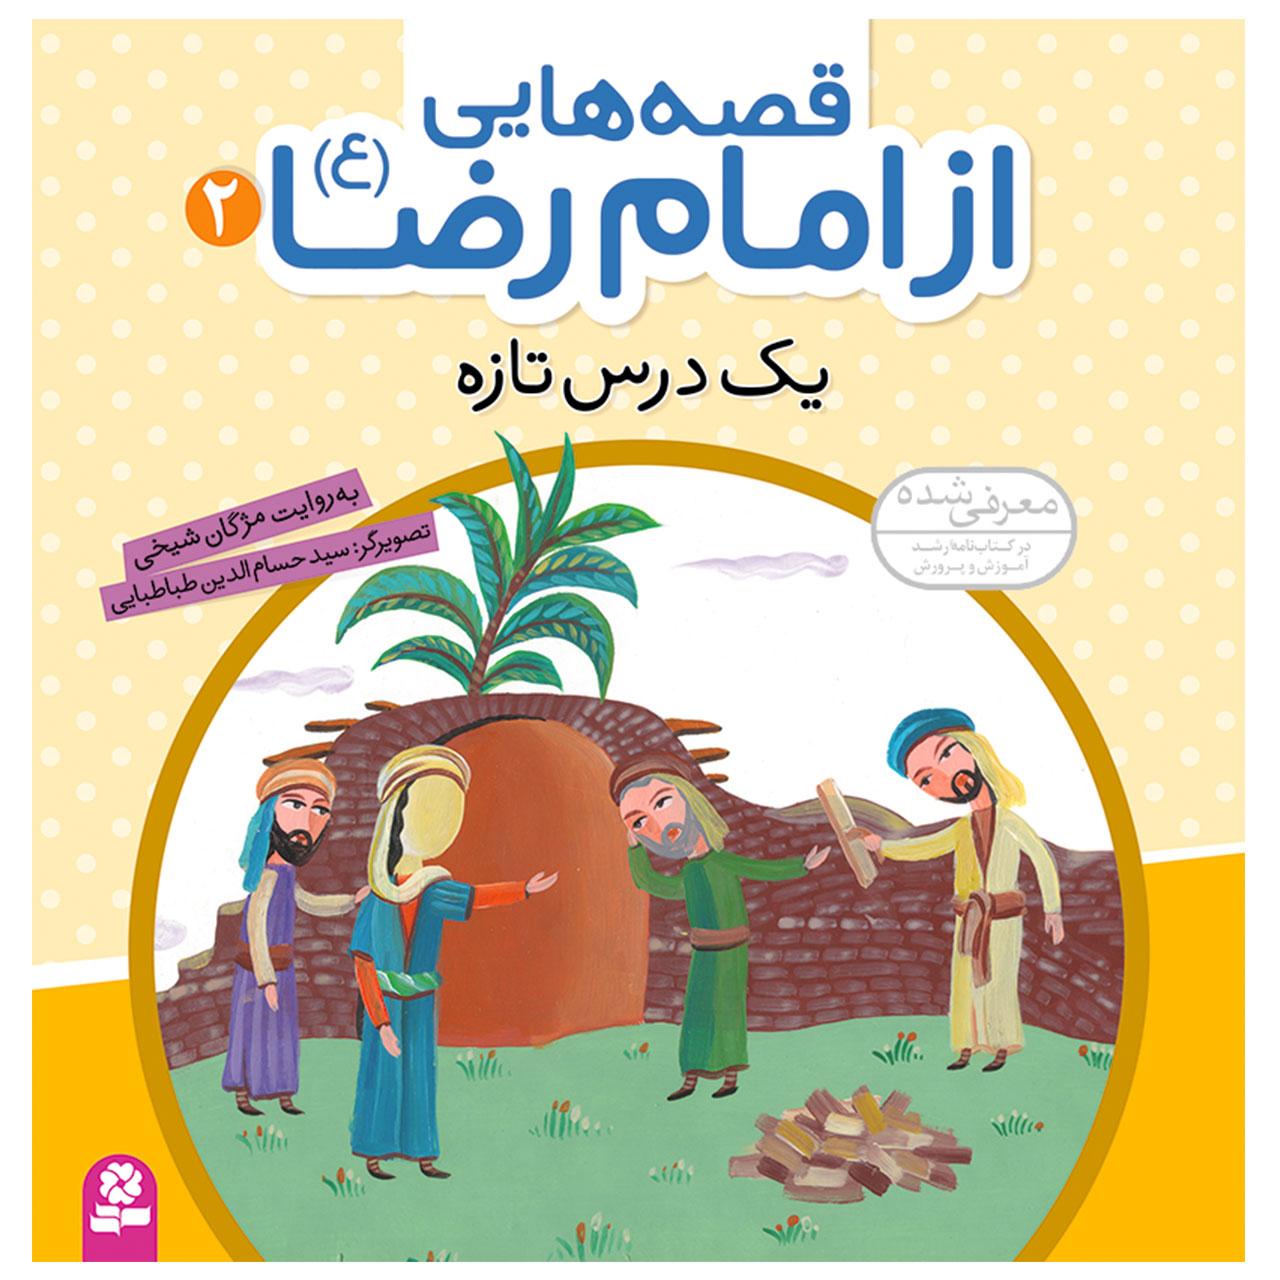 خرید                      کتاب قصه هایی از امام رضا (ع) 2 یک درس تازه اثر مژگان شیخی انتشارات قدیانی